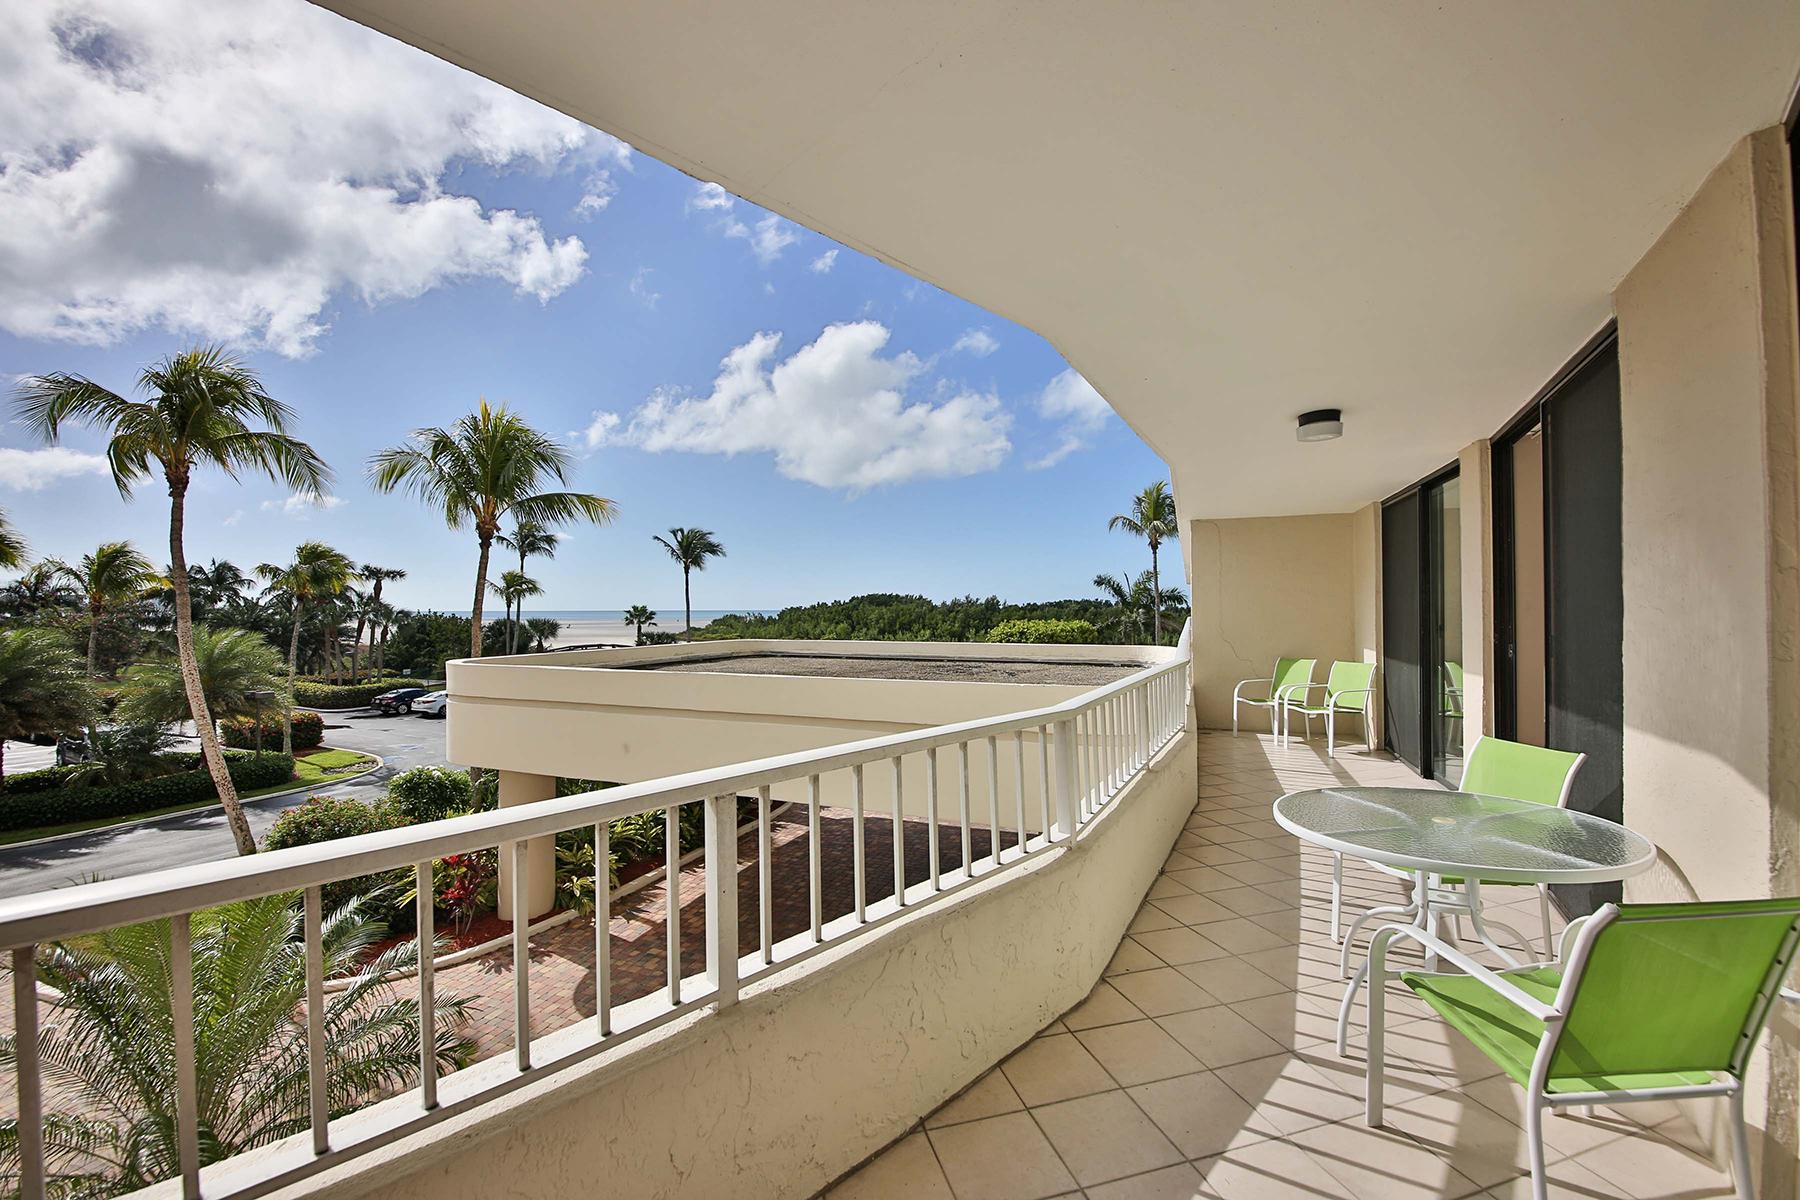 コンドミニアム のために 売買 アット MARCO ISLAND 380 Seaview Ct 207 Marco Island, フロリダ, 34145 アメリカ合衆国